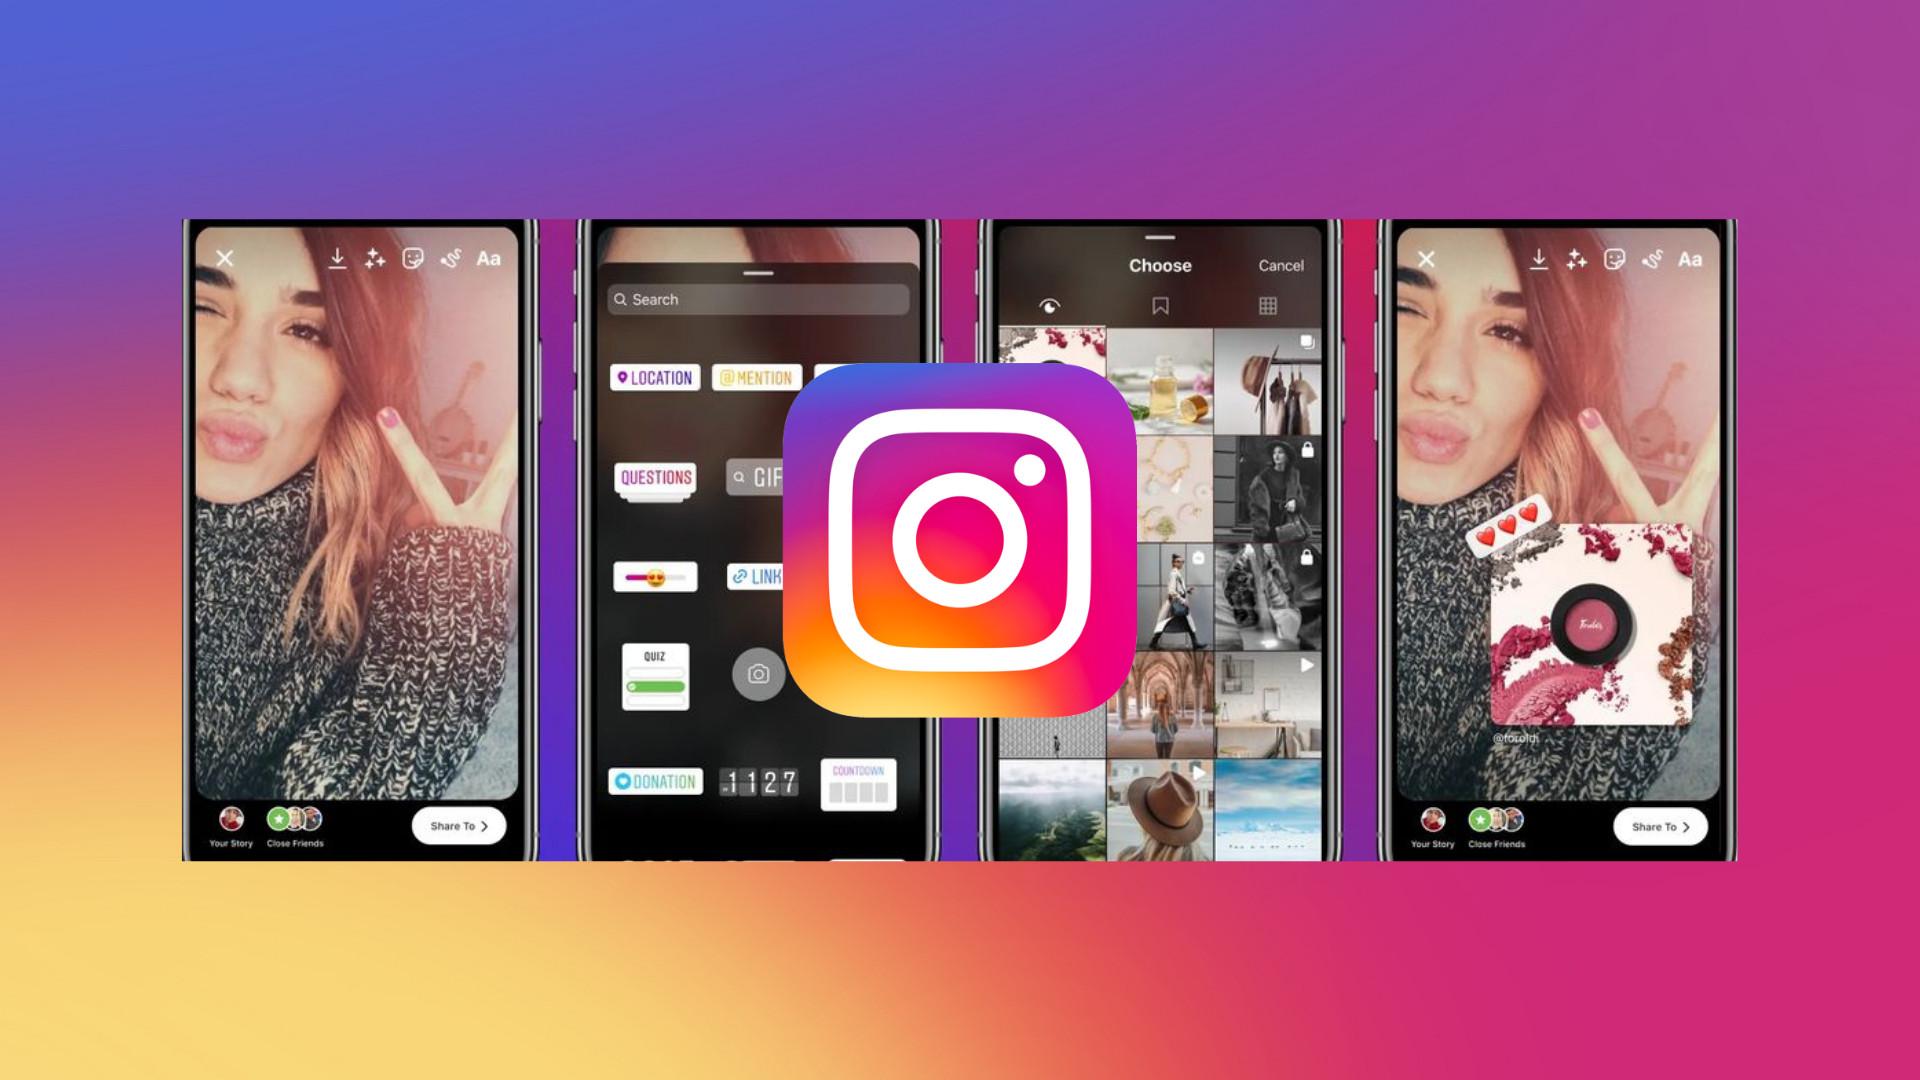 App chụp hình đẹp đăng mạng xã hội - Instagram